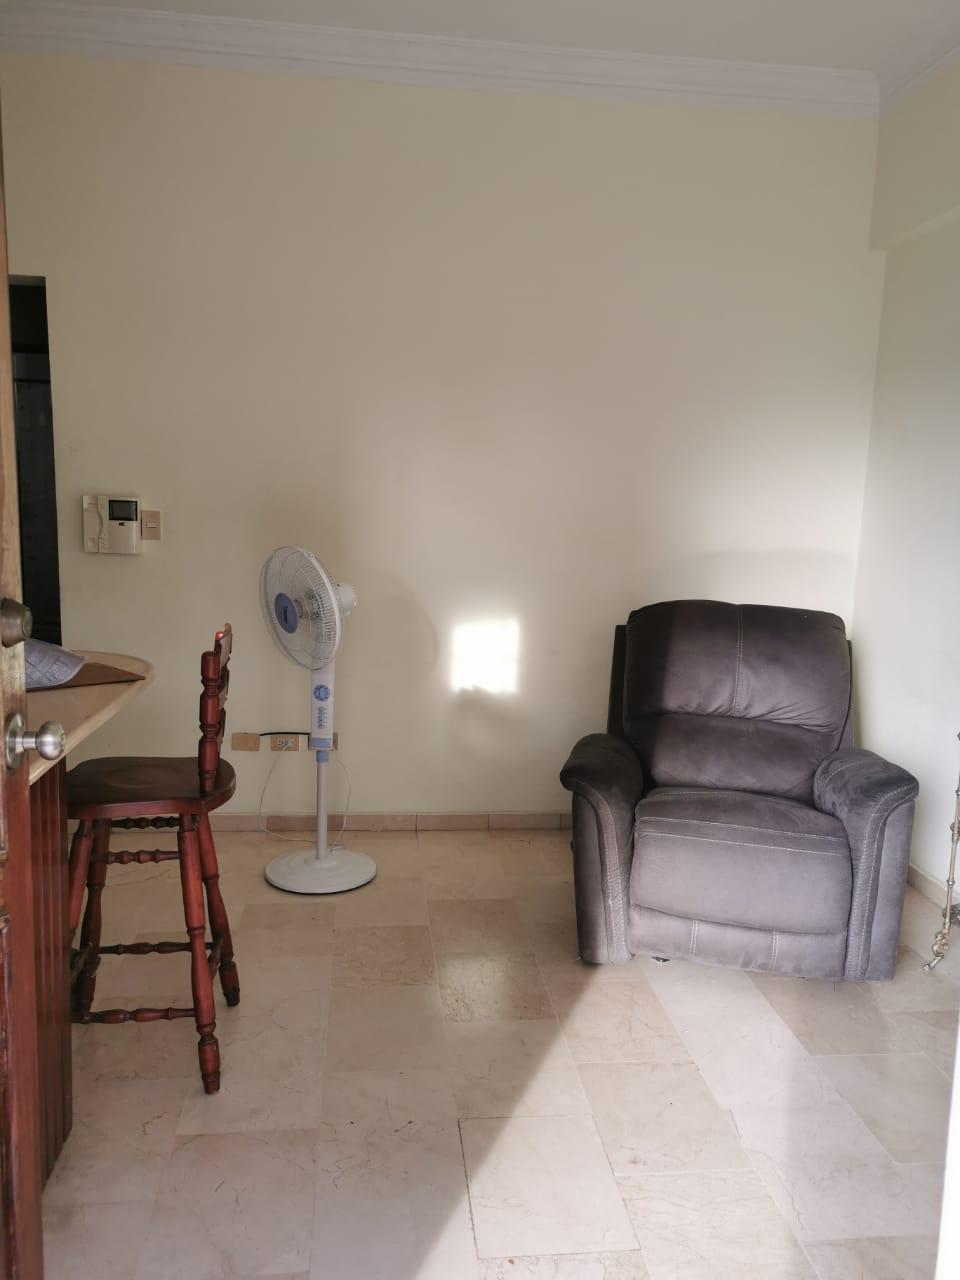 Apartamento en venta en el sector BELLA VISTA precio RD$ 3,000,000.00 RD$3,000,000